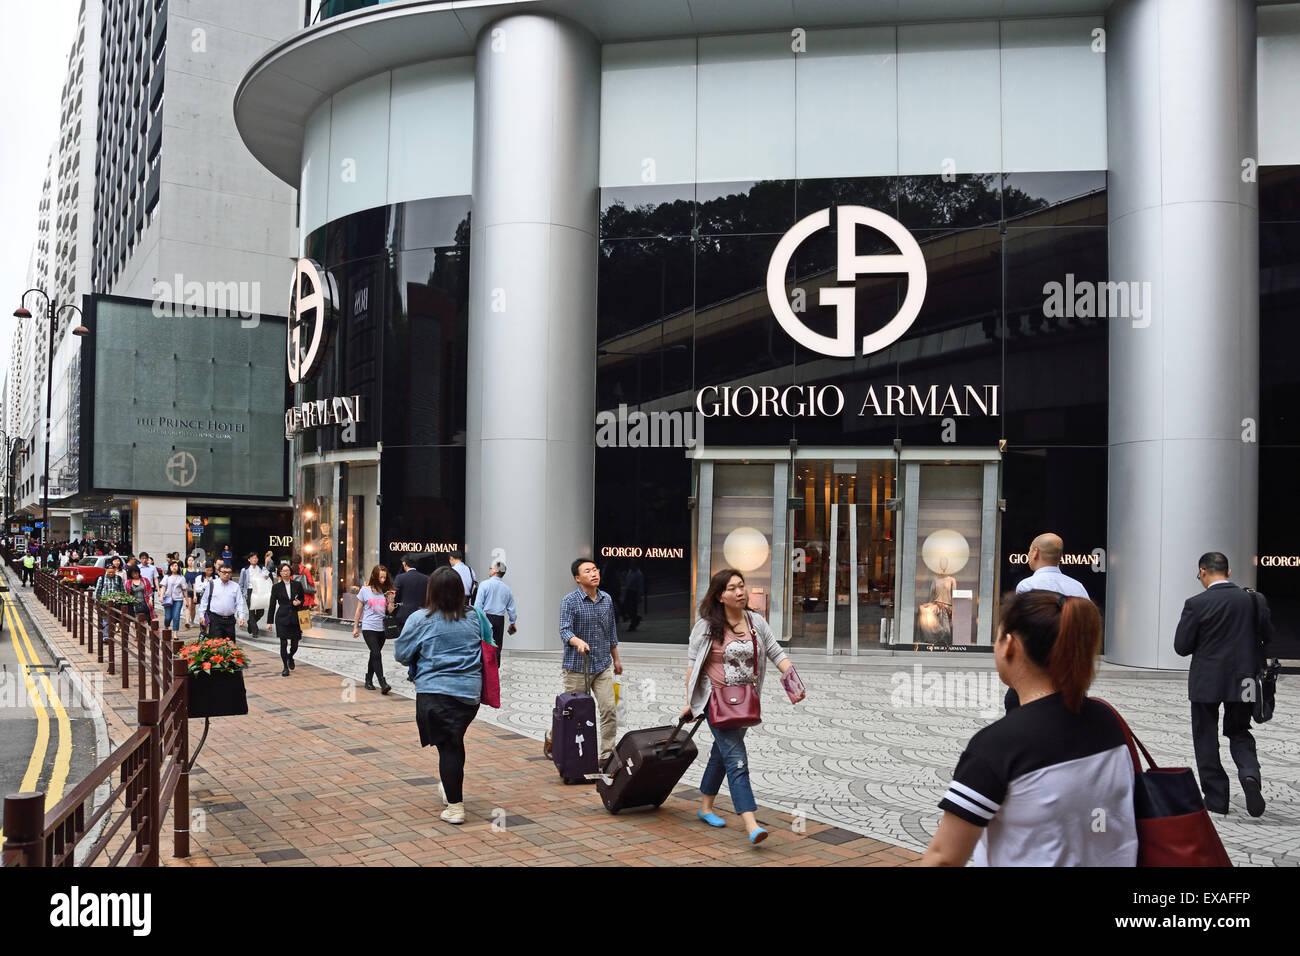 giorgio armani italian fashion designer italy hong